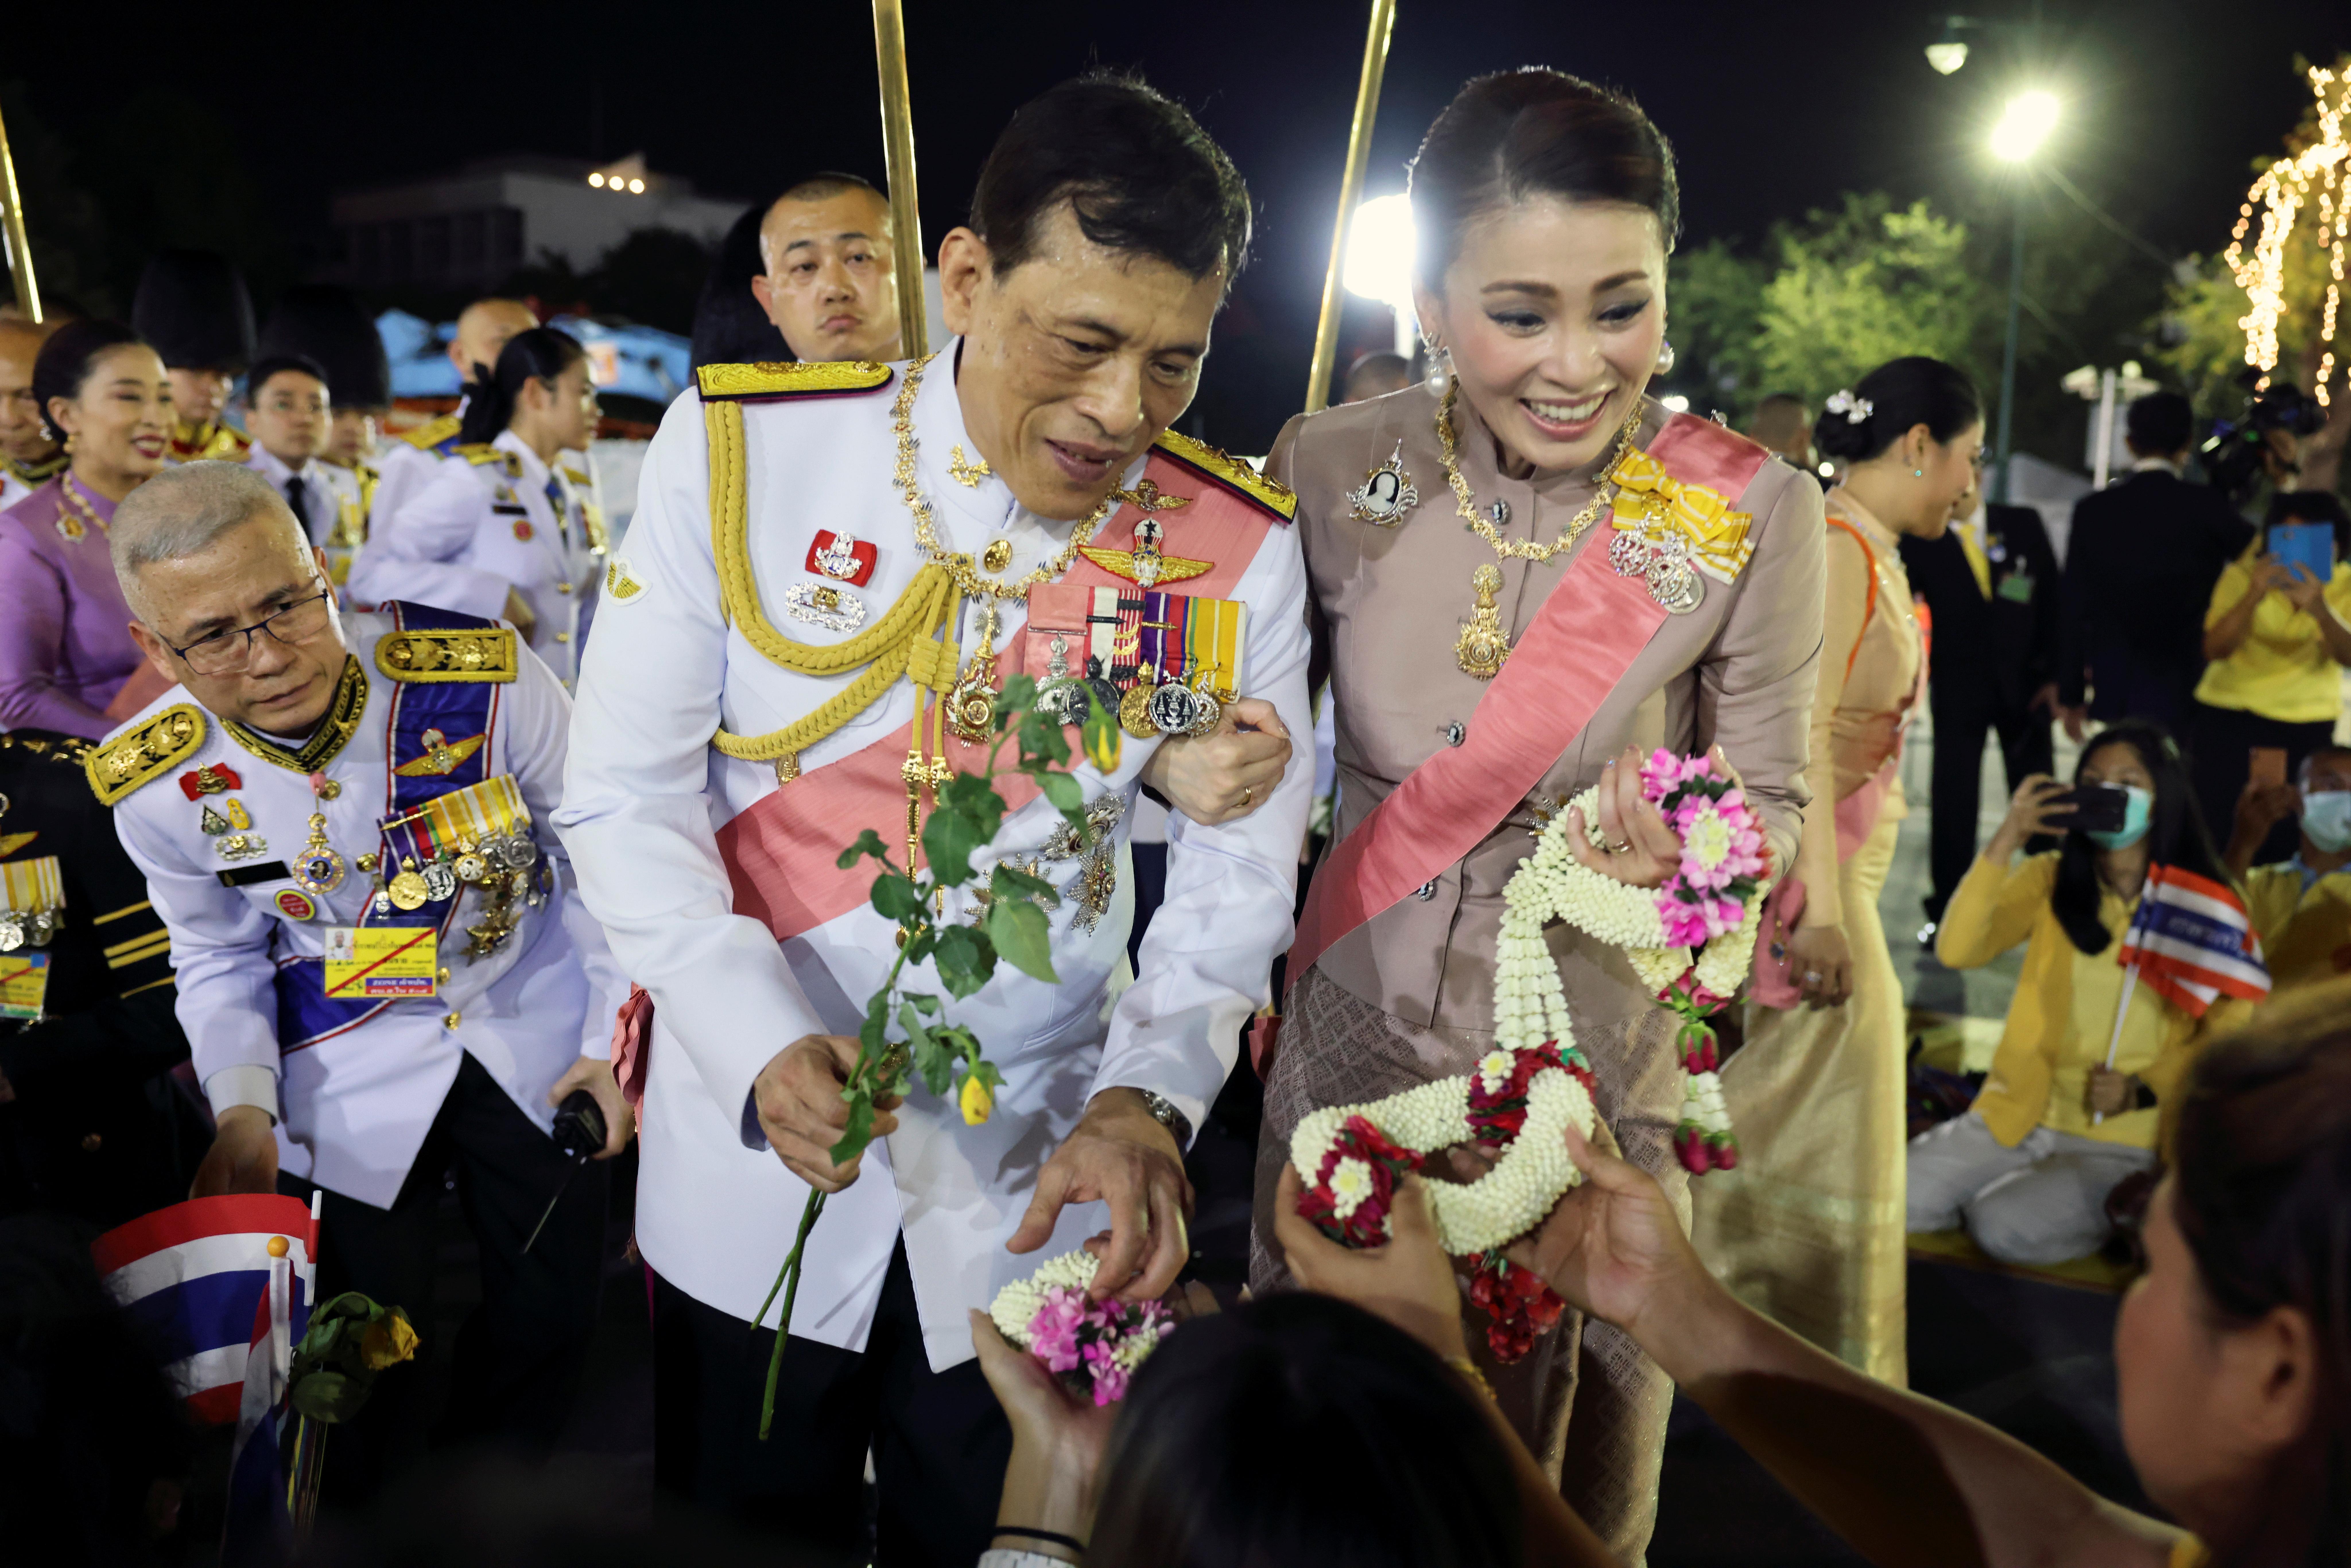 泰王周五和王后与苏堤达一同出席亡父普密蓬逝世4周年的纪念活动,受到保皇派热烈欢迎。-路透社-